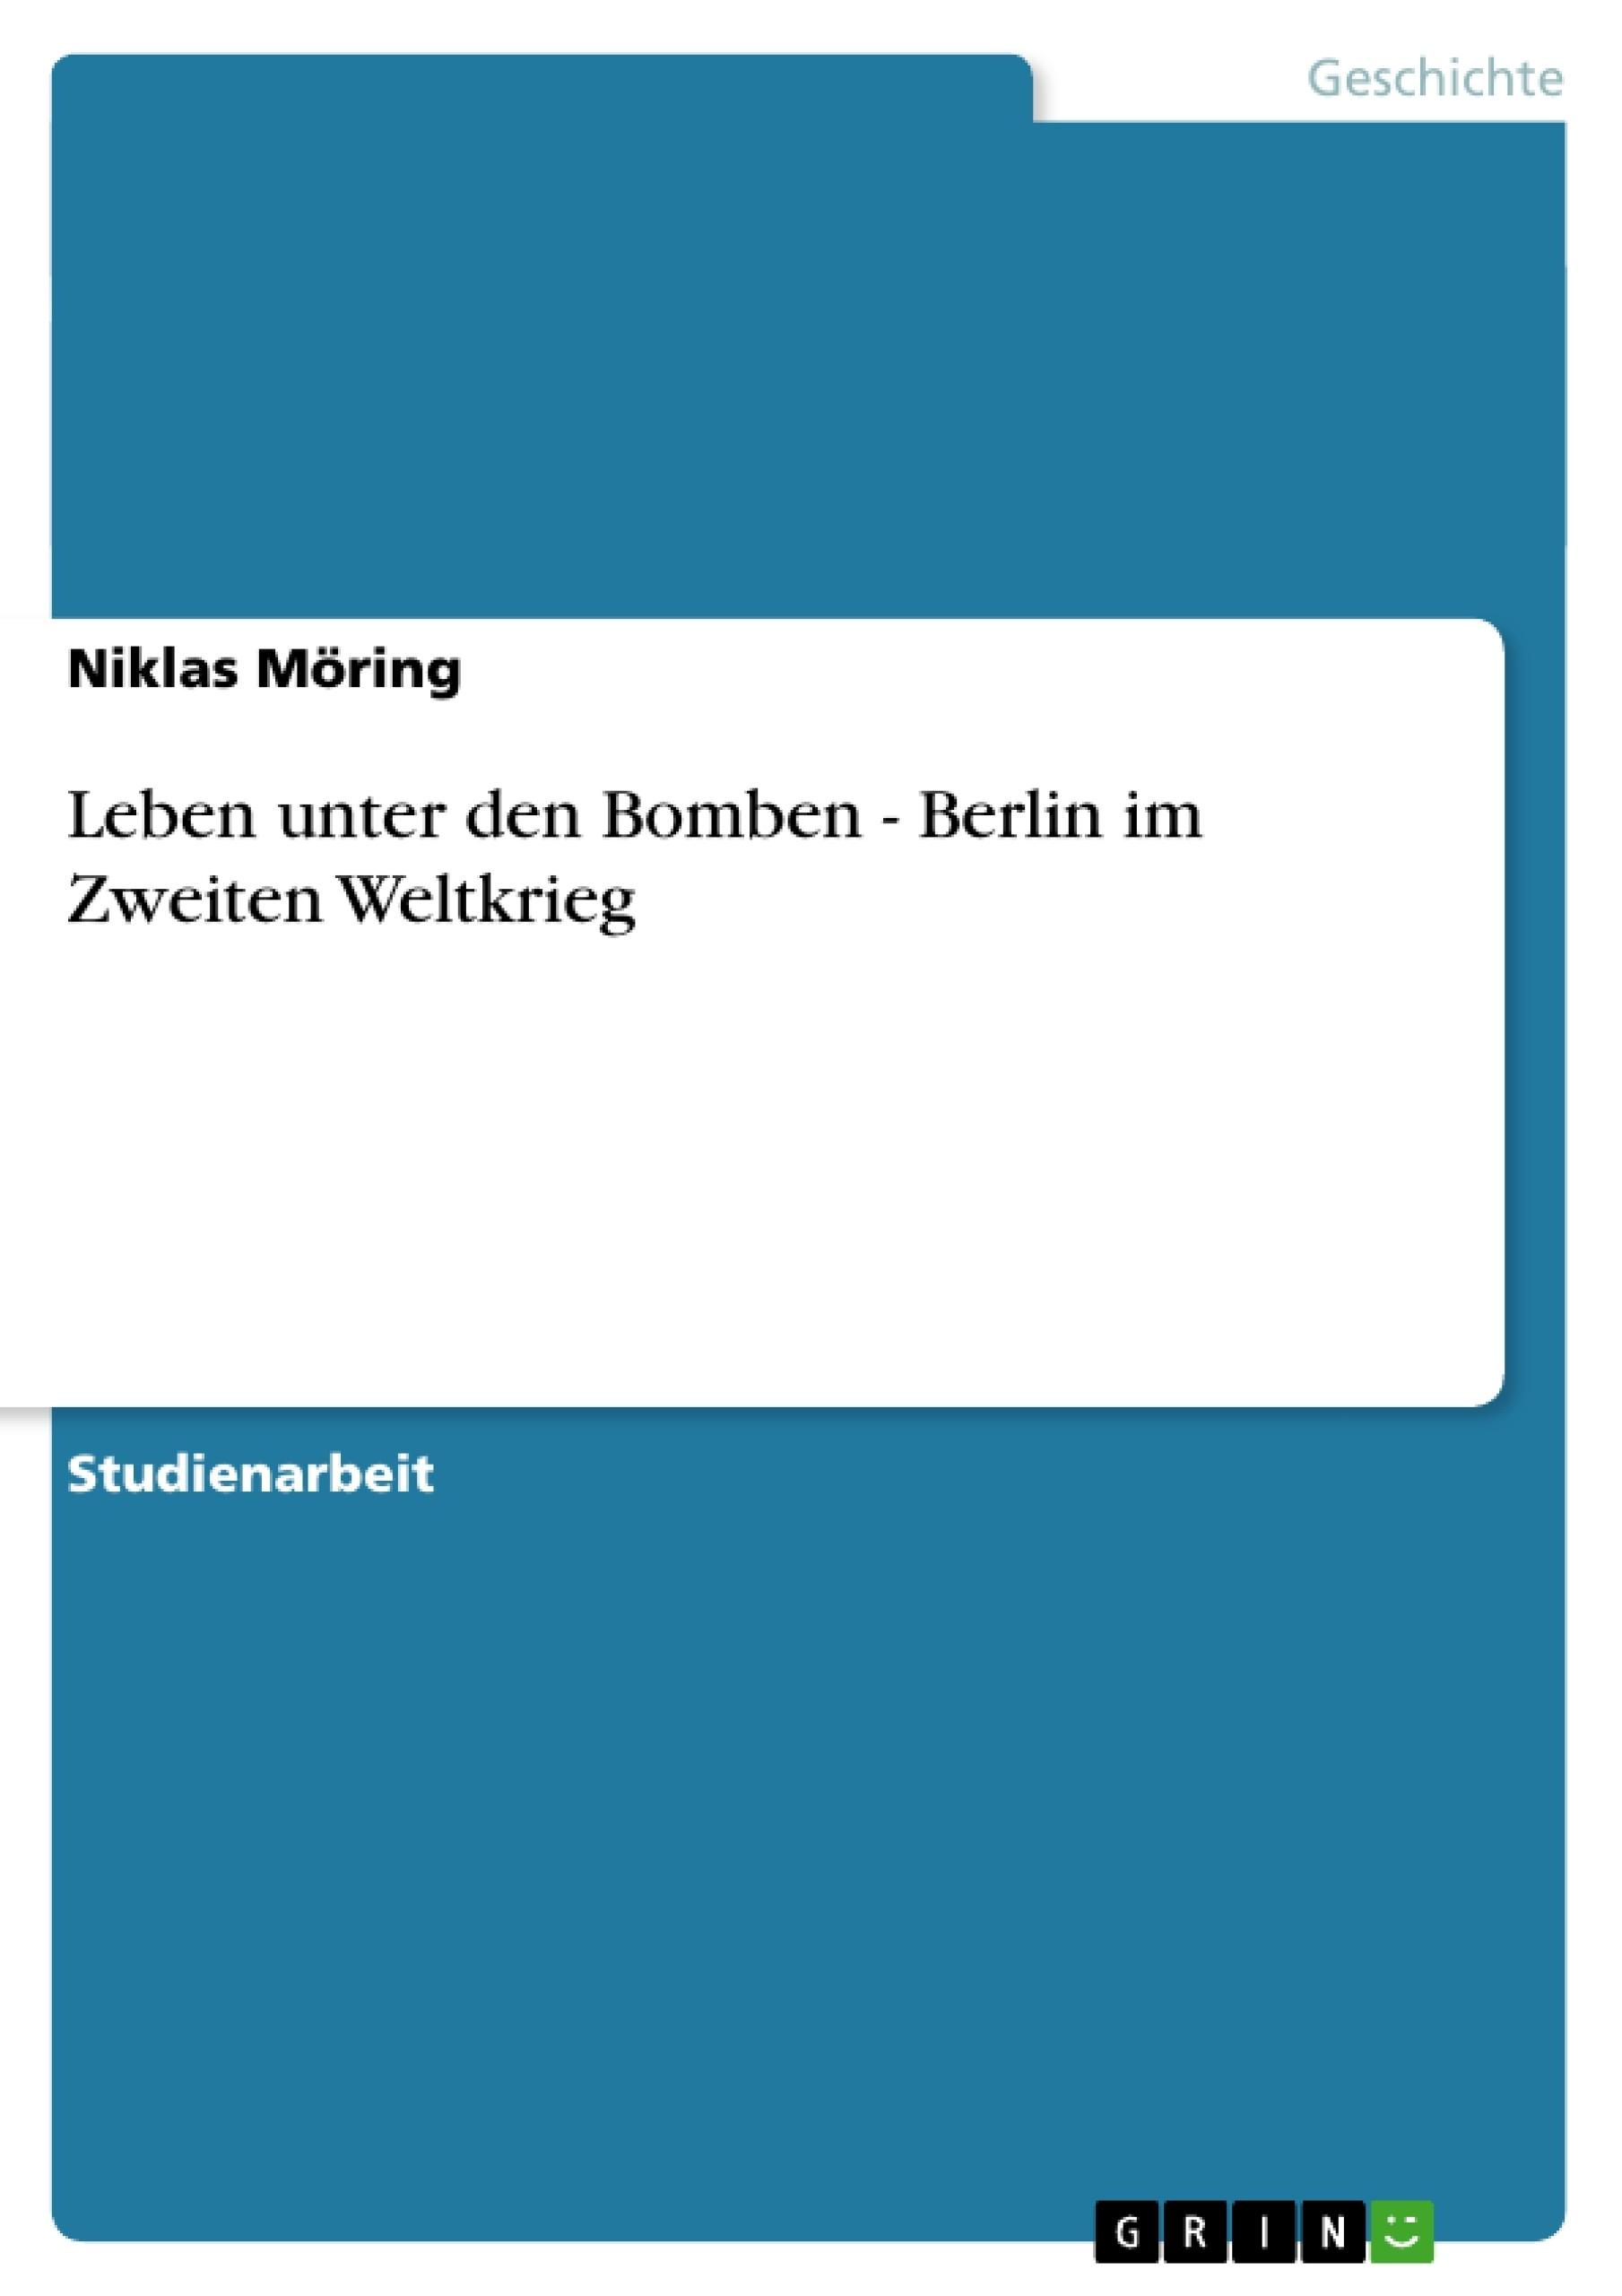 Titel: Leben unter den Bomben - Berlin im Zweiten Weltkrieg